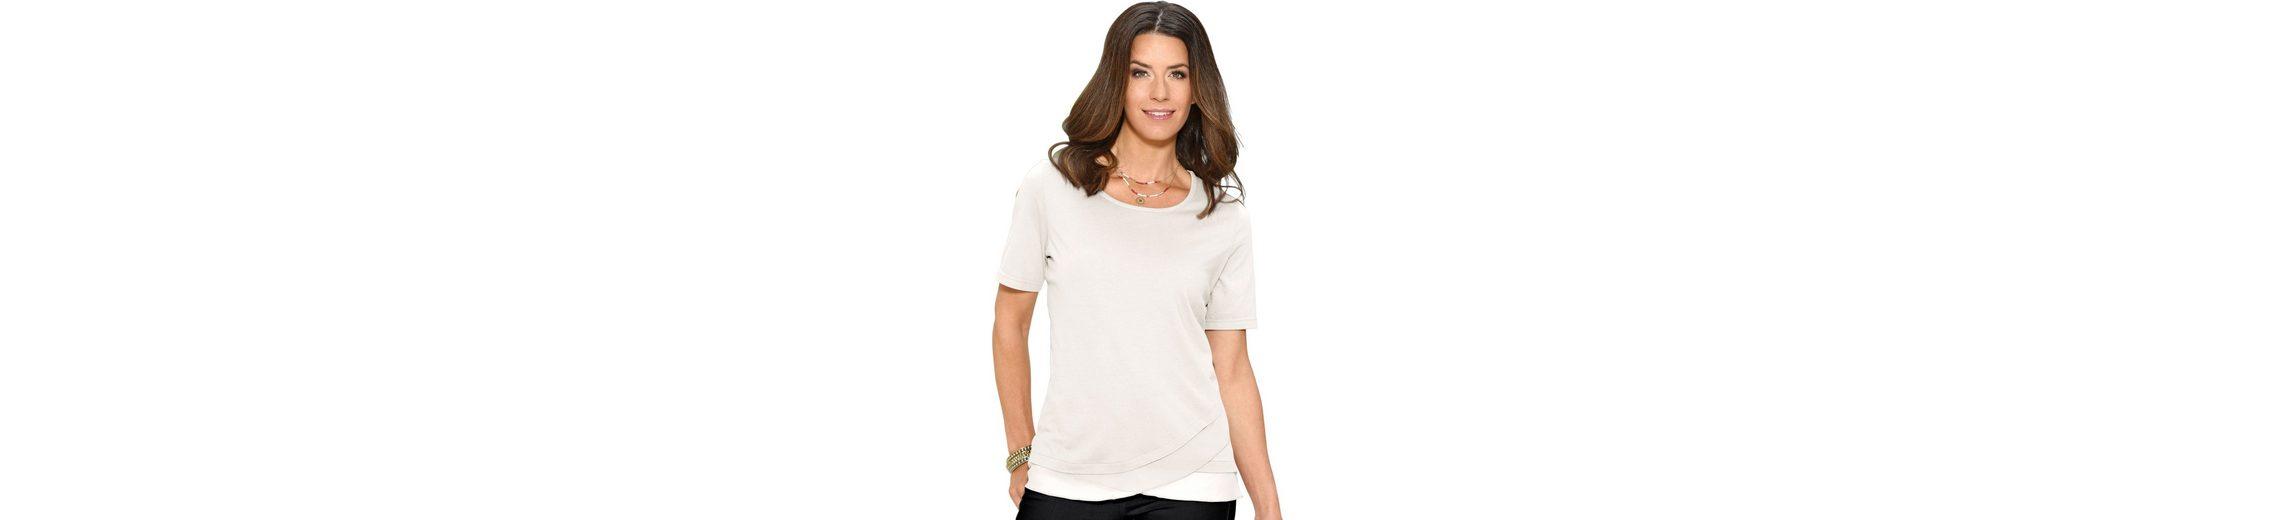 Classic Basics Shirt mit abgerundetem Chiffon-Saum Billig Verkauf Sammlungen H5ZNDsSSz